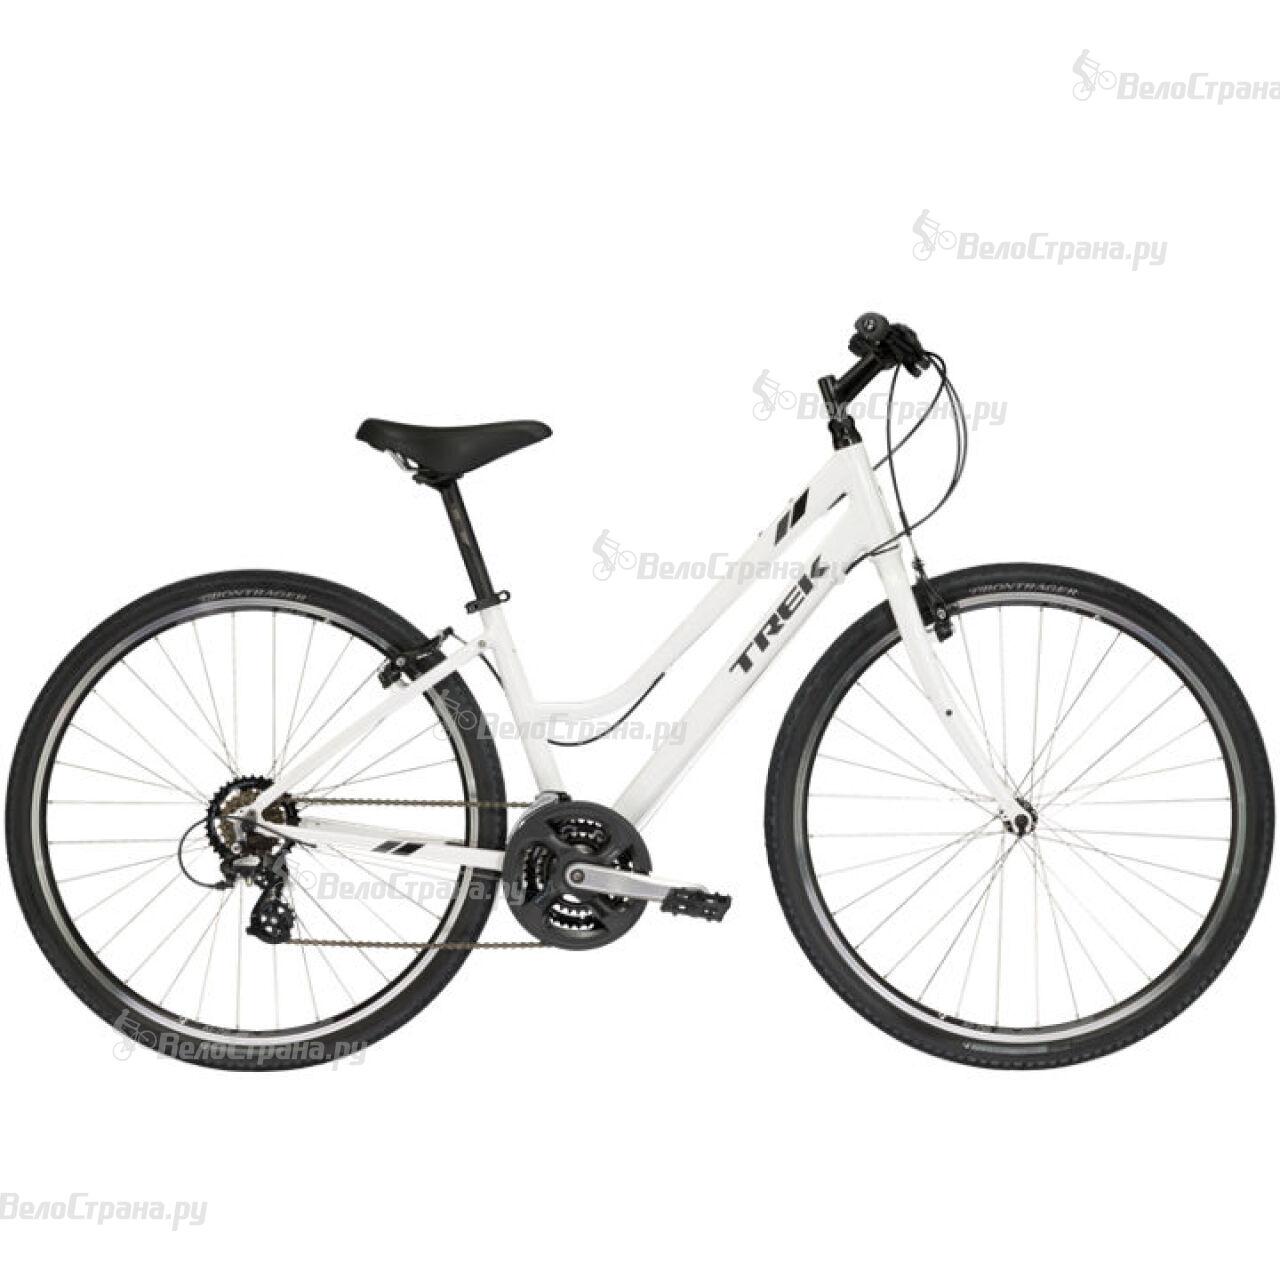 Велосипед Trek Verve 1 WSD (2017) велосипед trek verve 1 wsd 2013